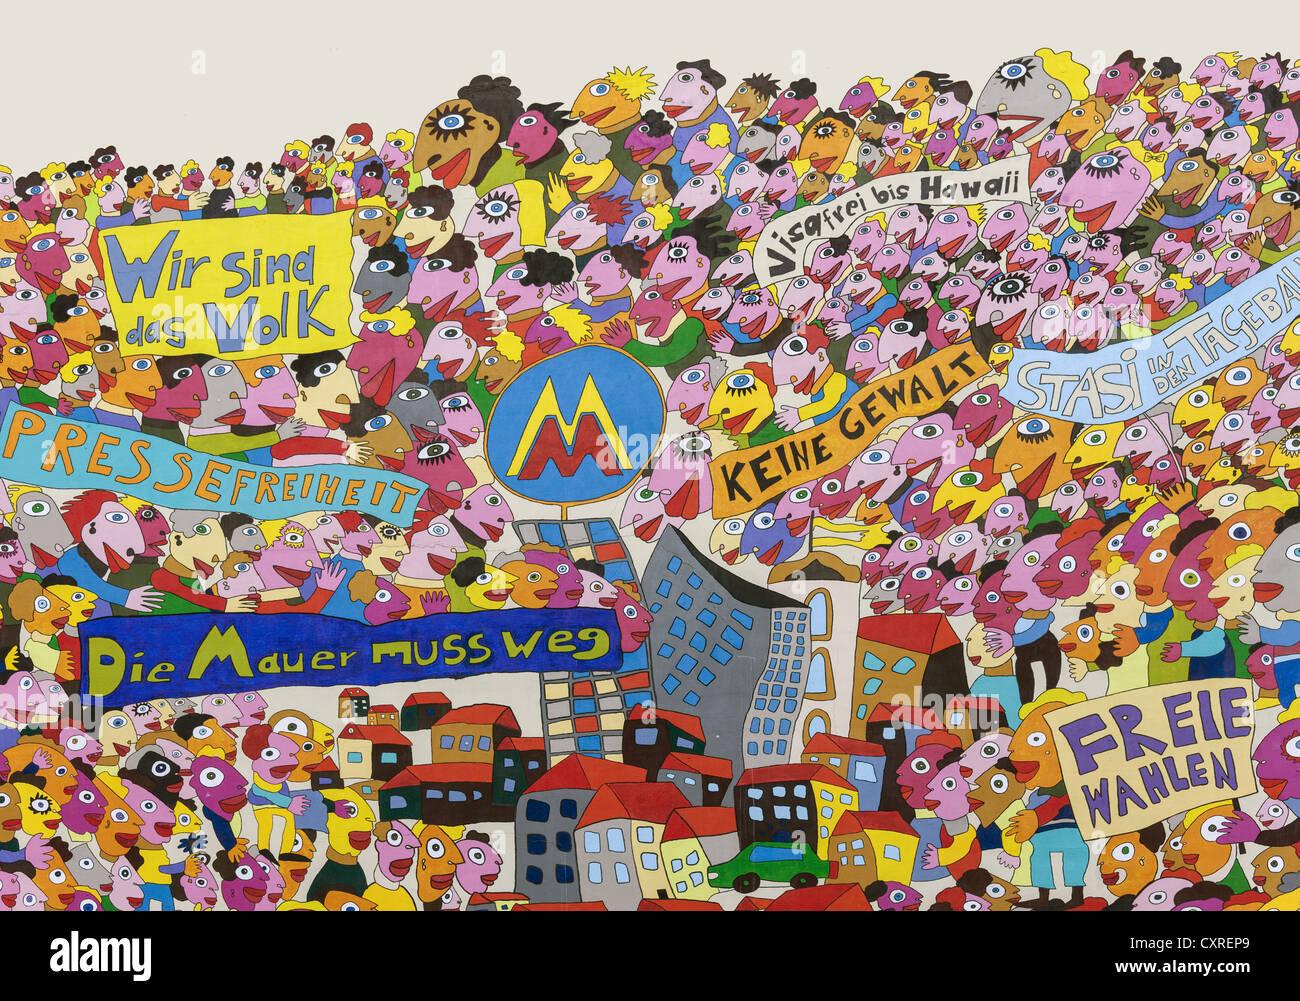 Peinture murale sur l'hôtel Marriott, l'art moderne, souvenirs de la révolution pacifique en 1989, Photo Stock